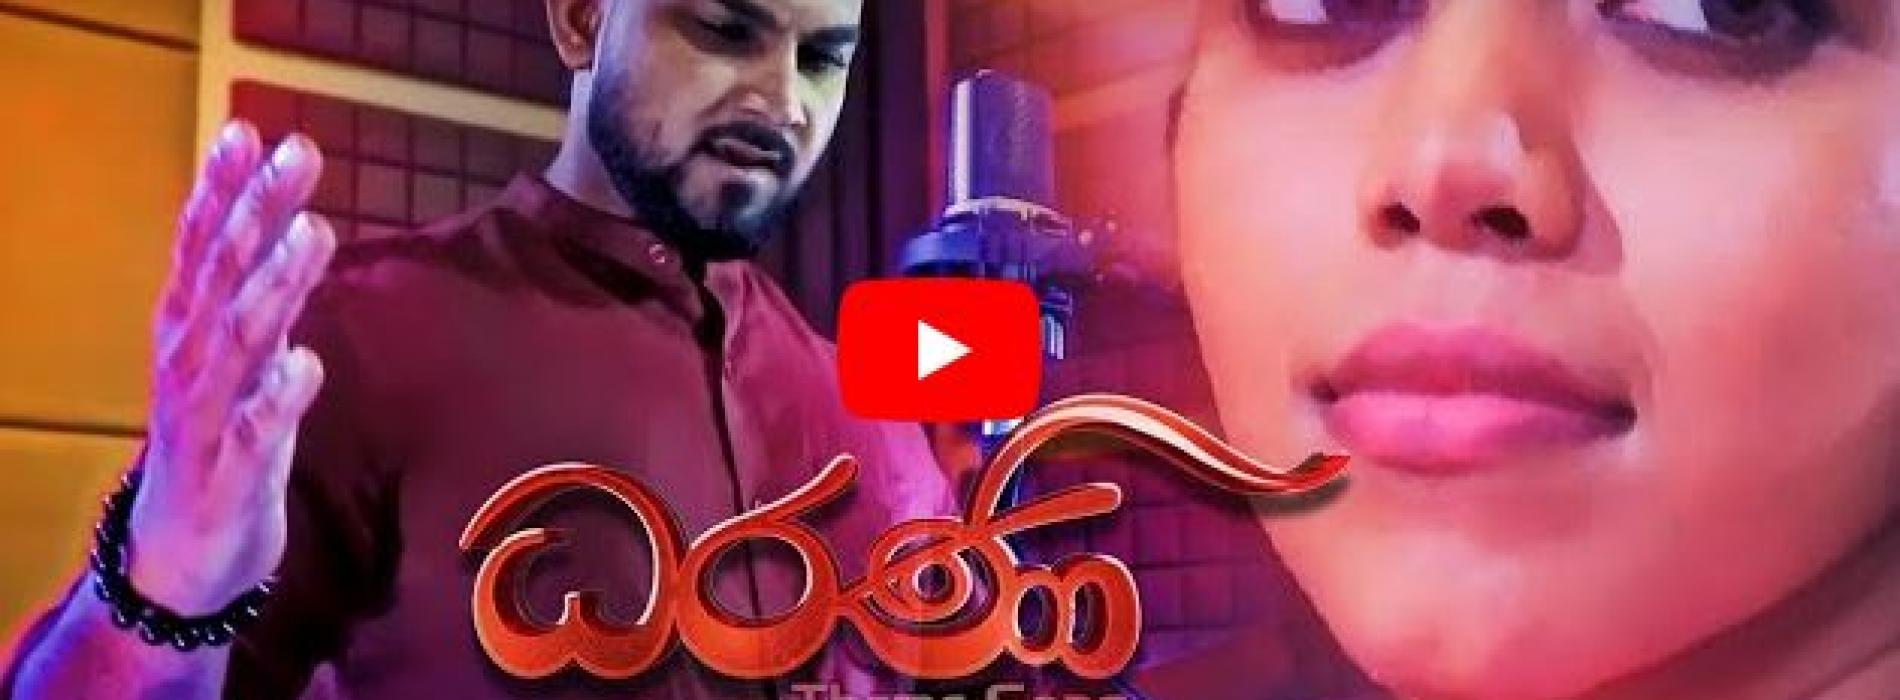 New Music : Supun Perera   Dharani Song   Prakampitha (ප්රකම්පිත)